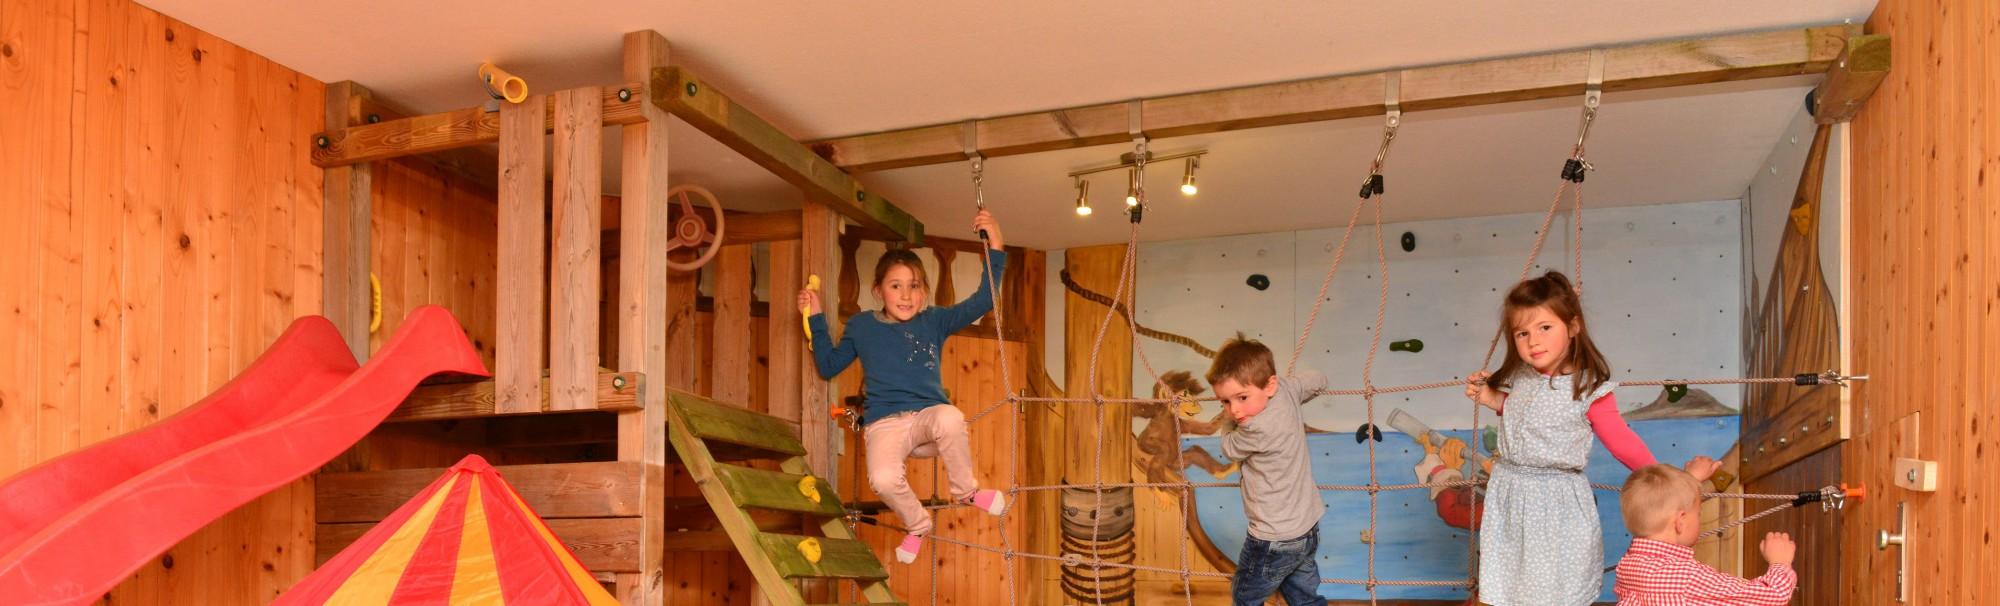 Kinderspaß im Kletterzimmer